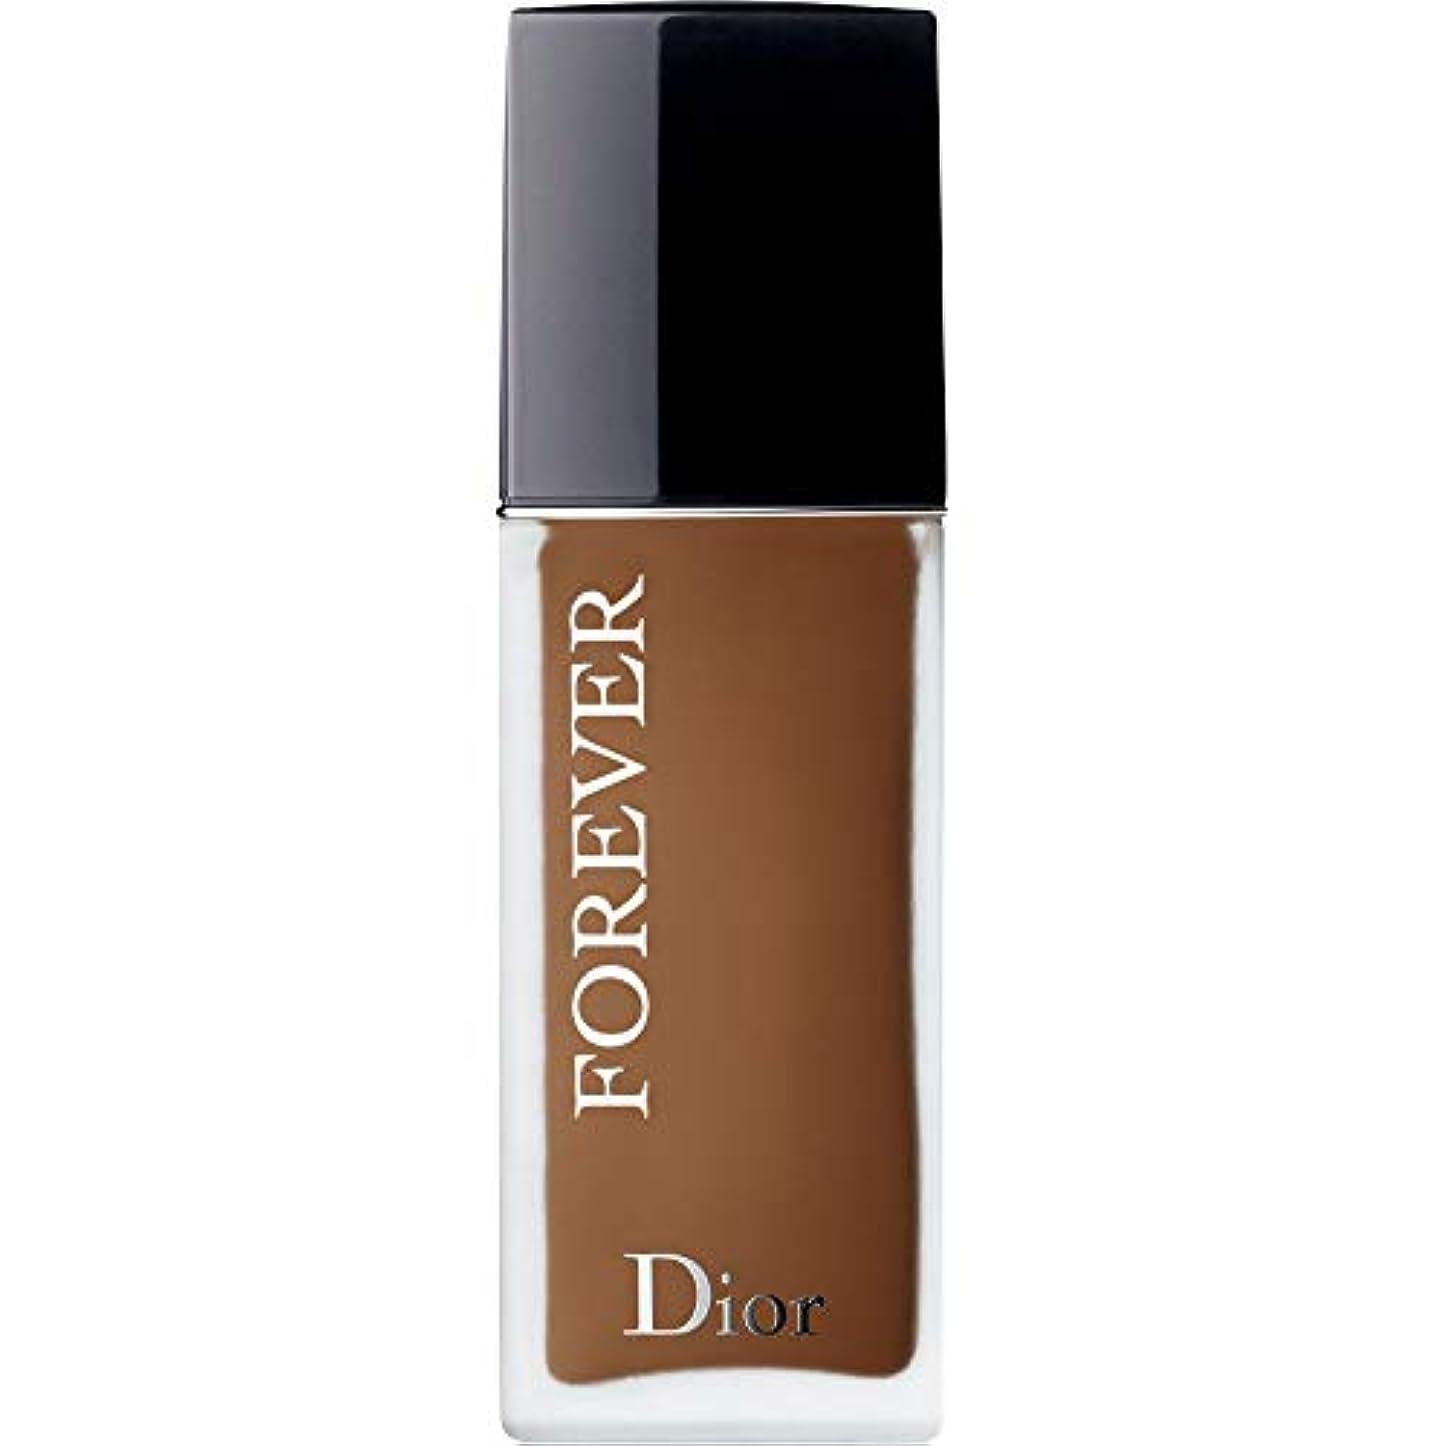 爪ごみ旅行代理店[Dior ] ディオール永遠皮膚思いやりの基盤Spf35 30ミリリットルの7.5N - ニュートラル(つや消し) - DIOR Forever Skin-Caring Foundation SPF35 30ml 7.5N...